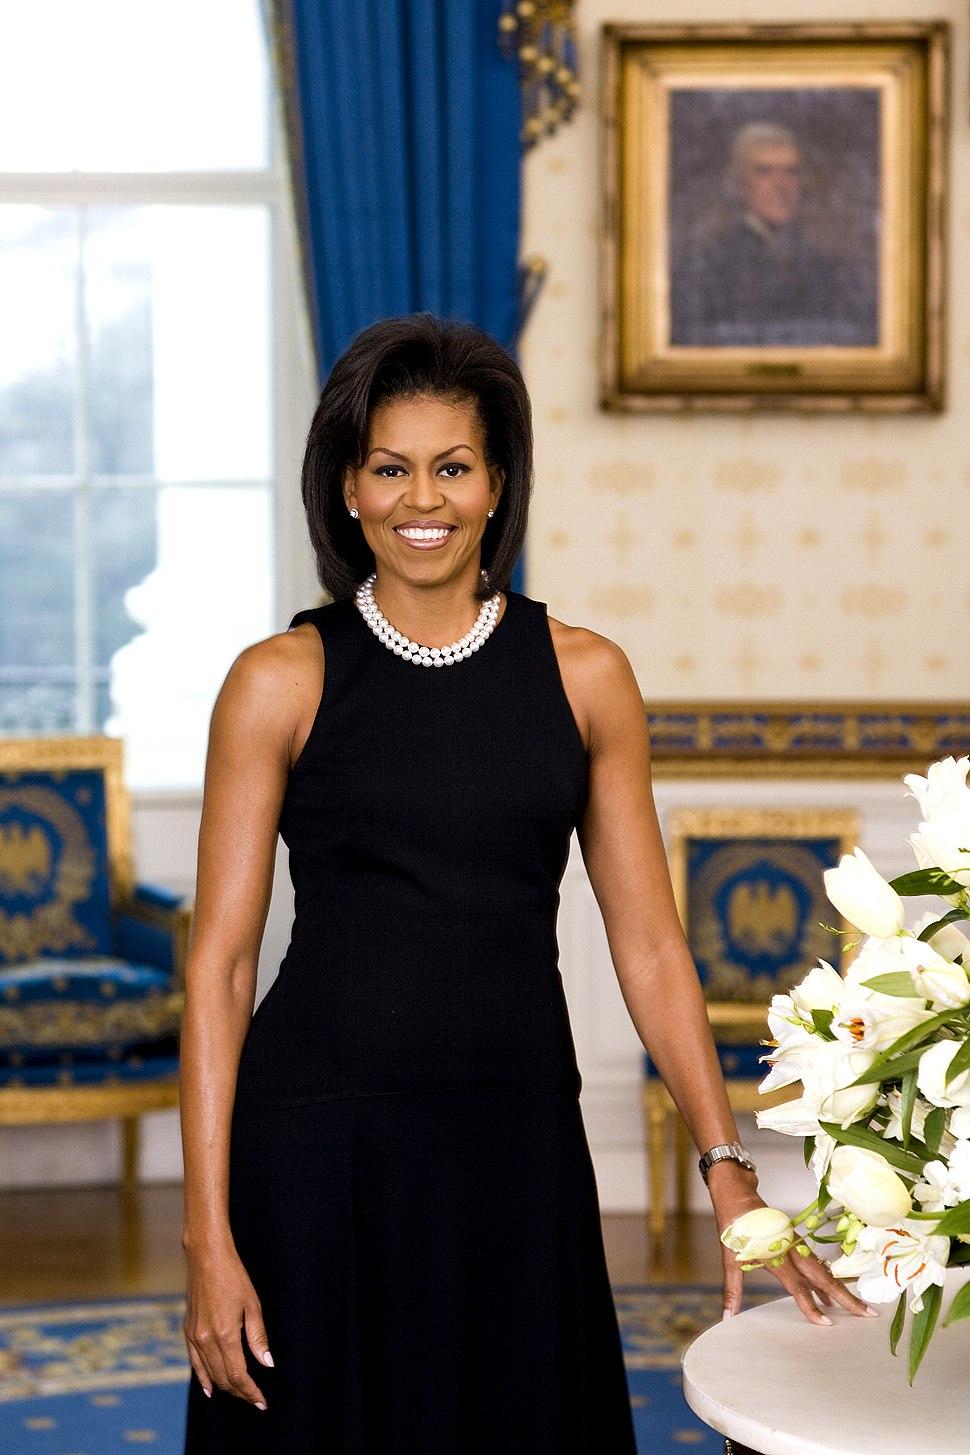 Michelle Obama official portrait